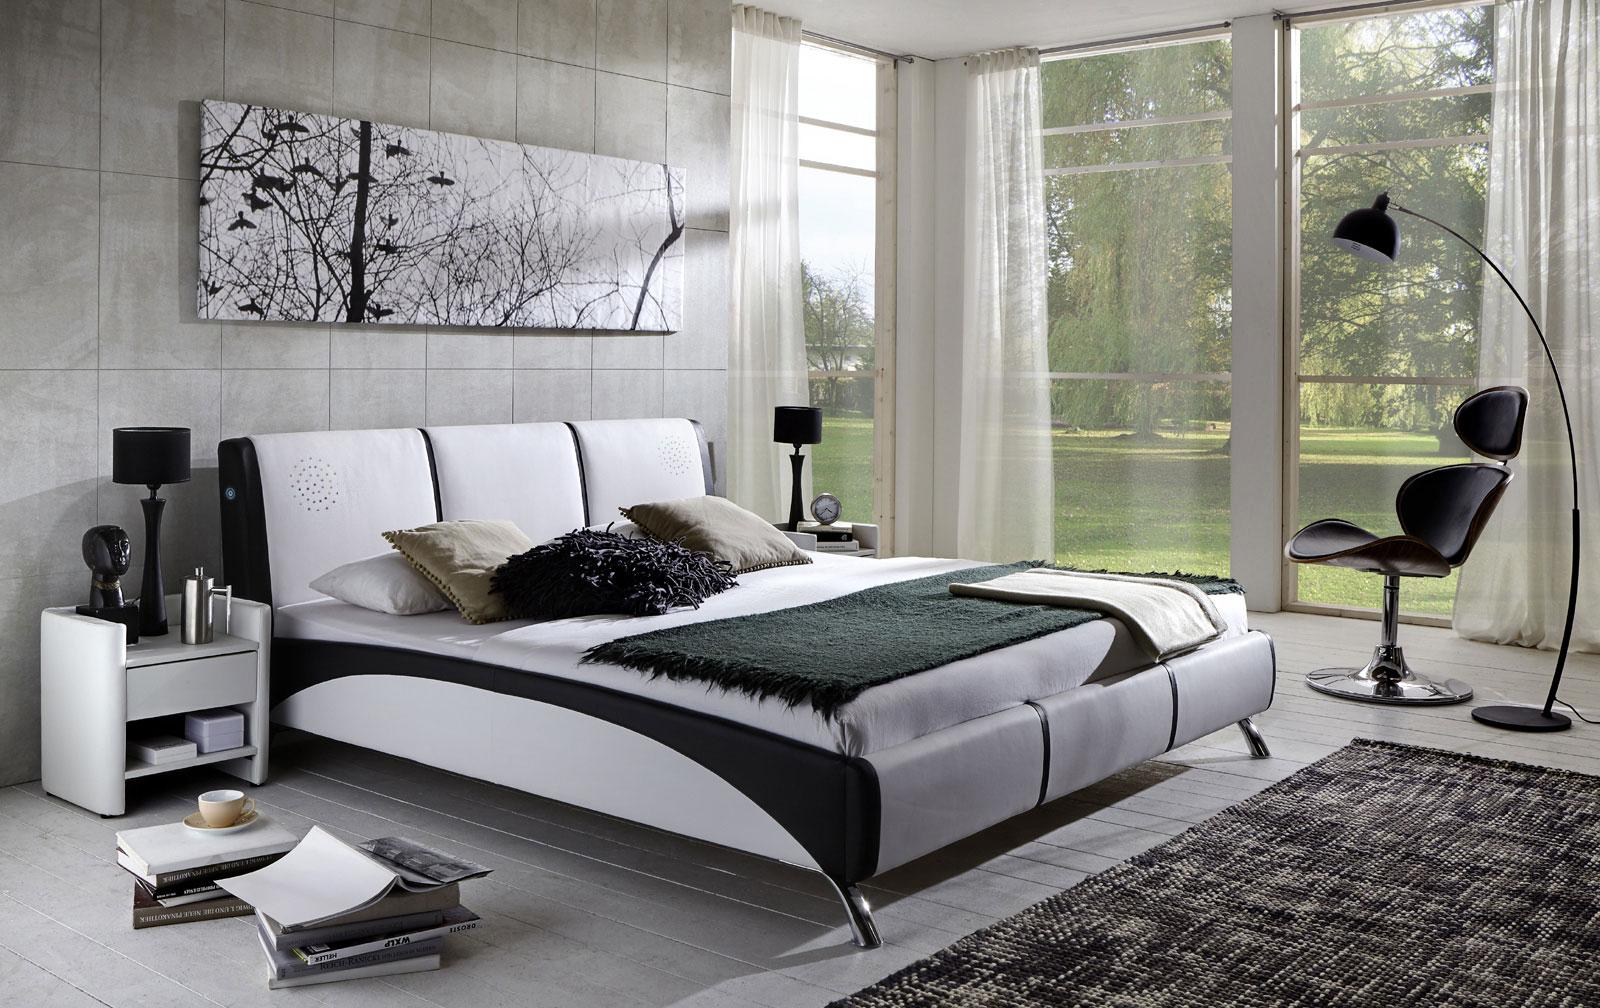 SAM® Polsterbett mit Soundsystem 160 cm weiß schwarz FUN